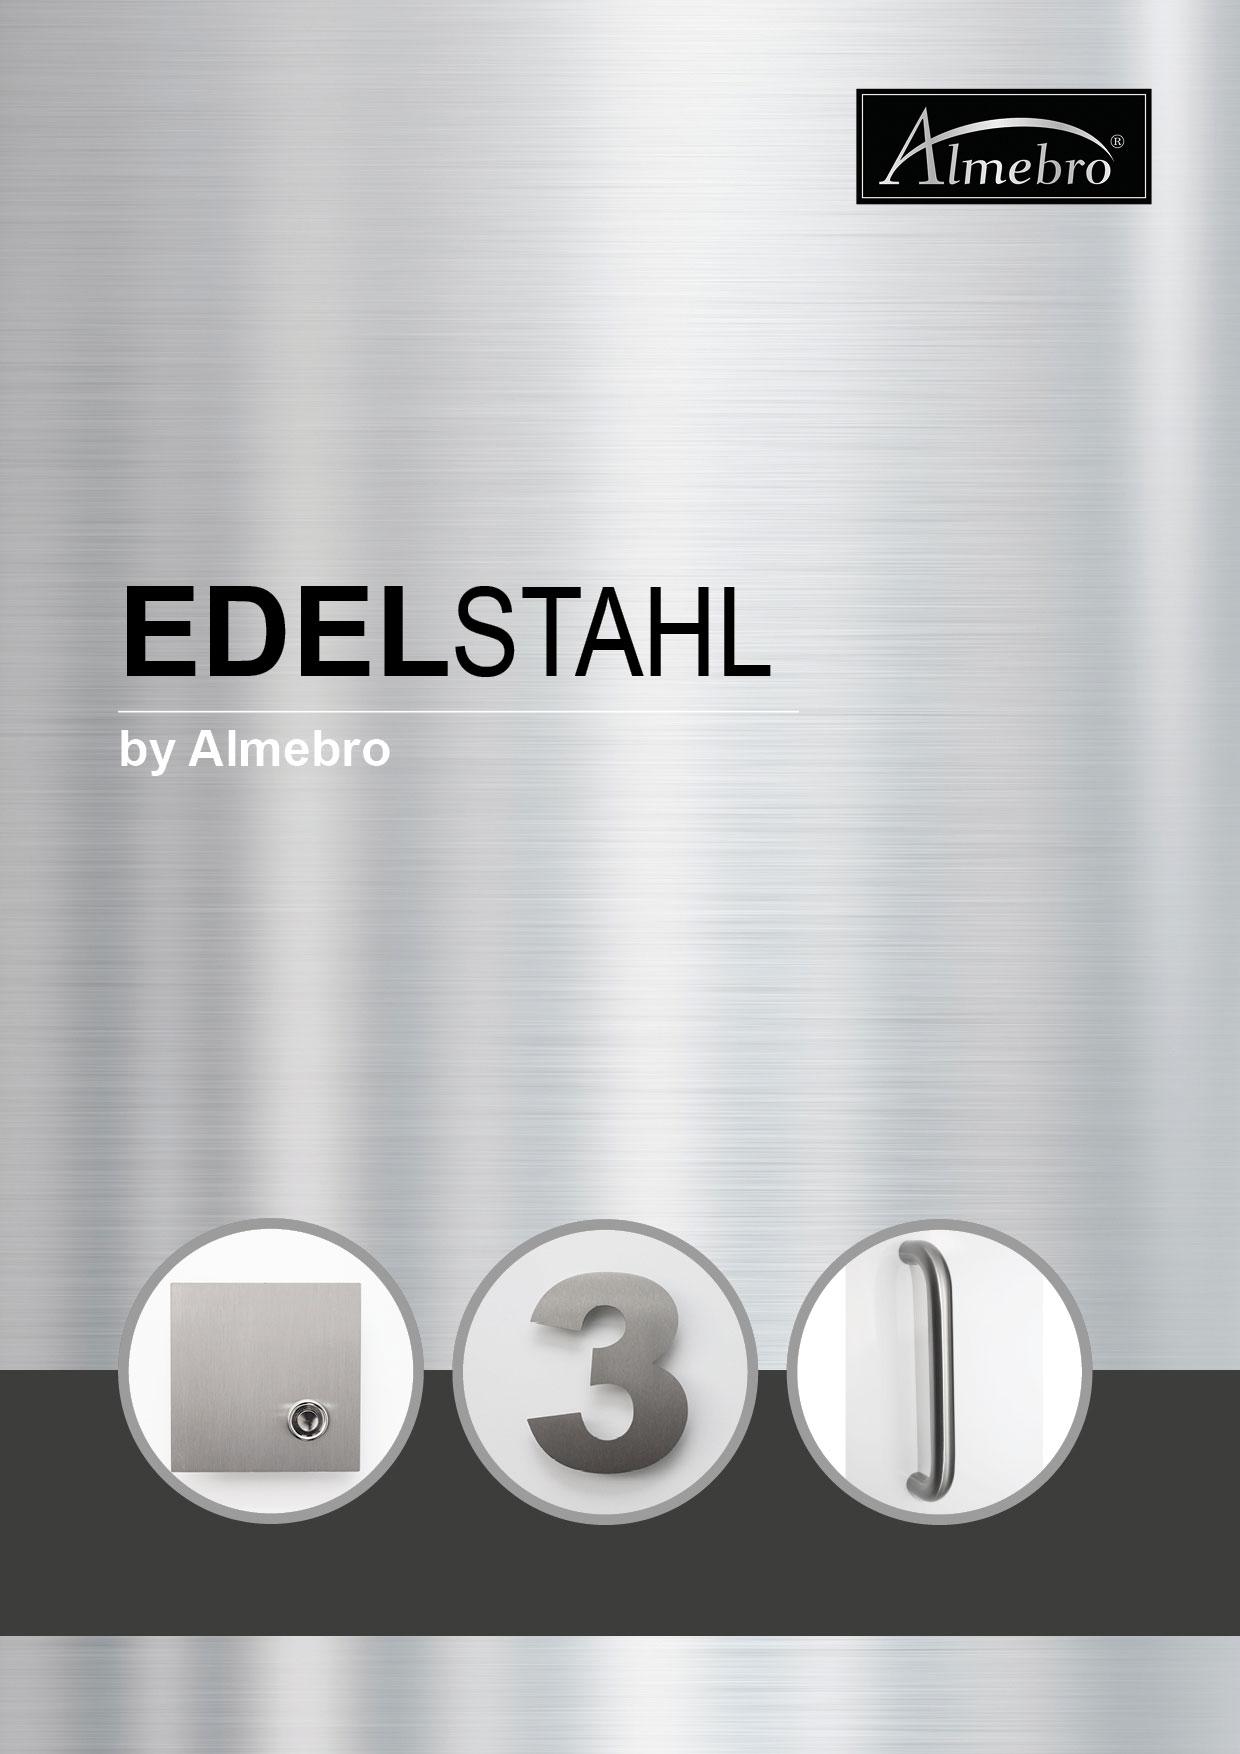 Almebro Edelstahl-Katalog herunterladen